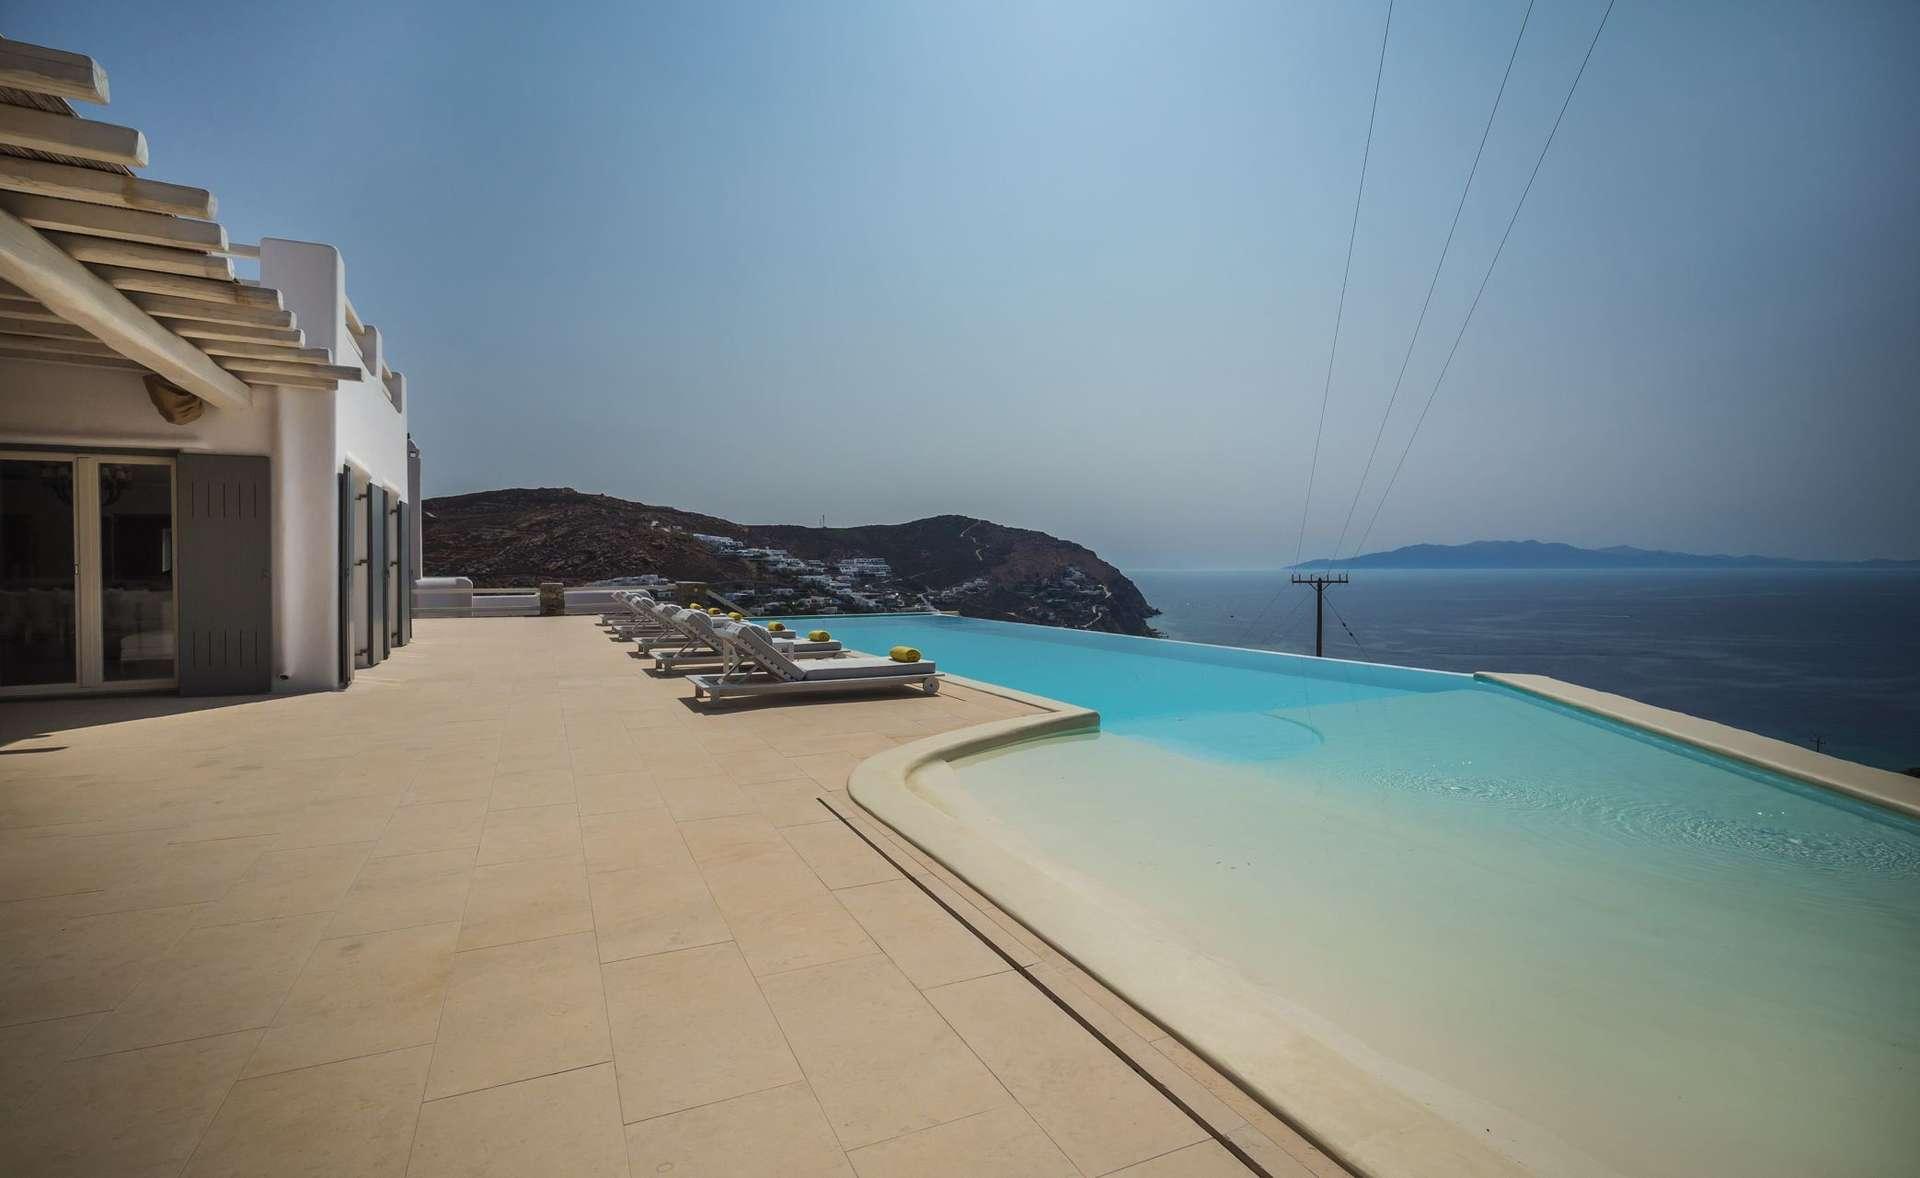 Luxury vacation rentals europe - Greece - Mykonos - Elia - Divina - Image 1/18